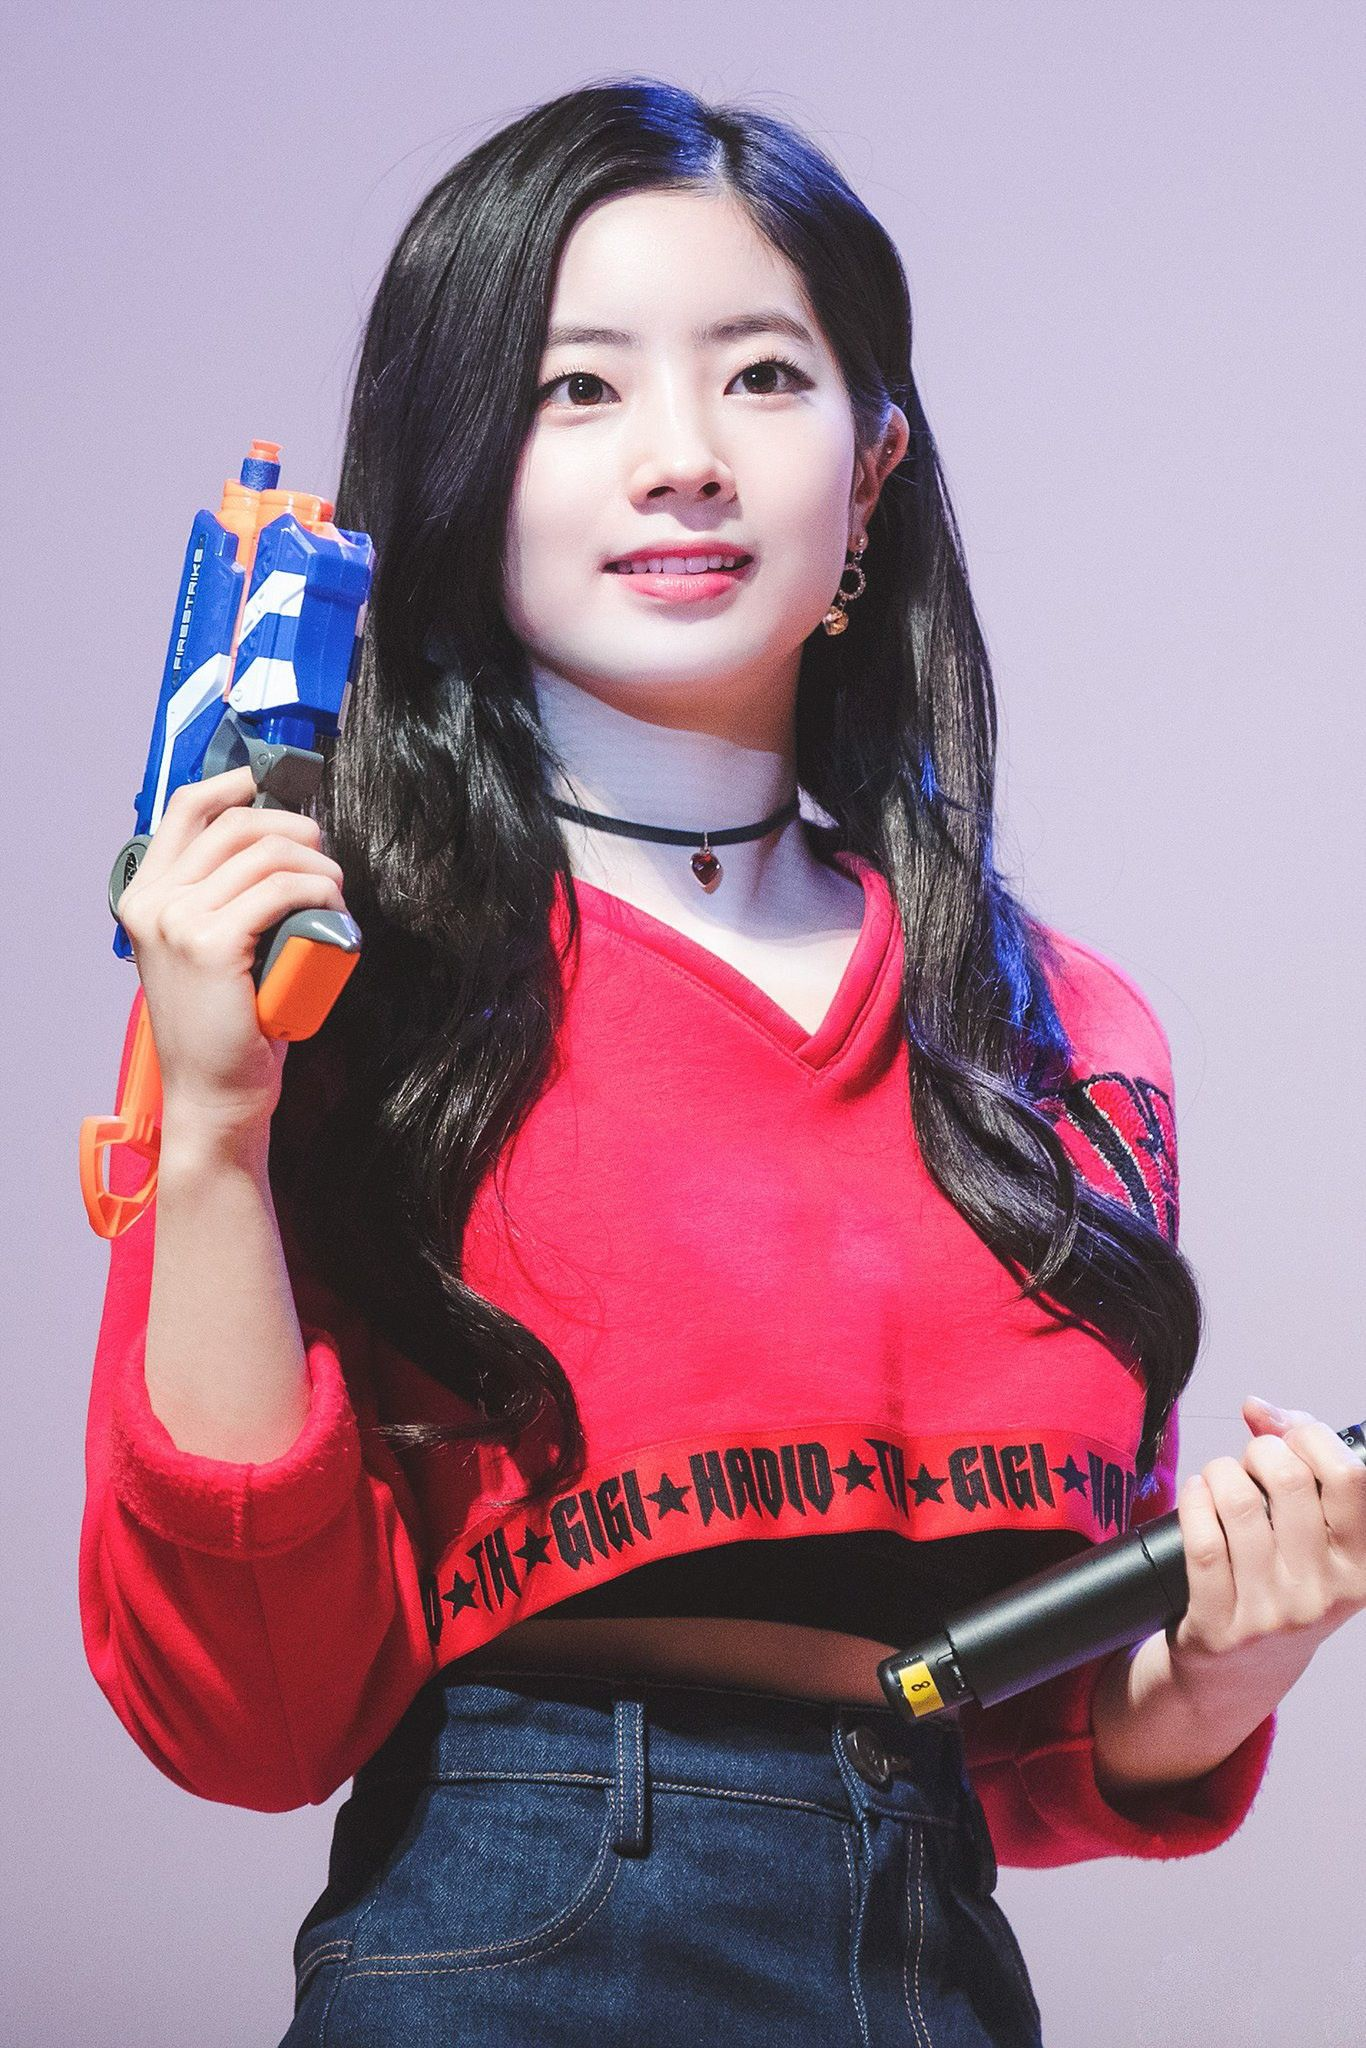 Twice Dahyun Candy Pop Sudden Attack Fan Meeting Twice Dahyun Kpop Girls Fashion